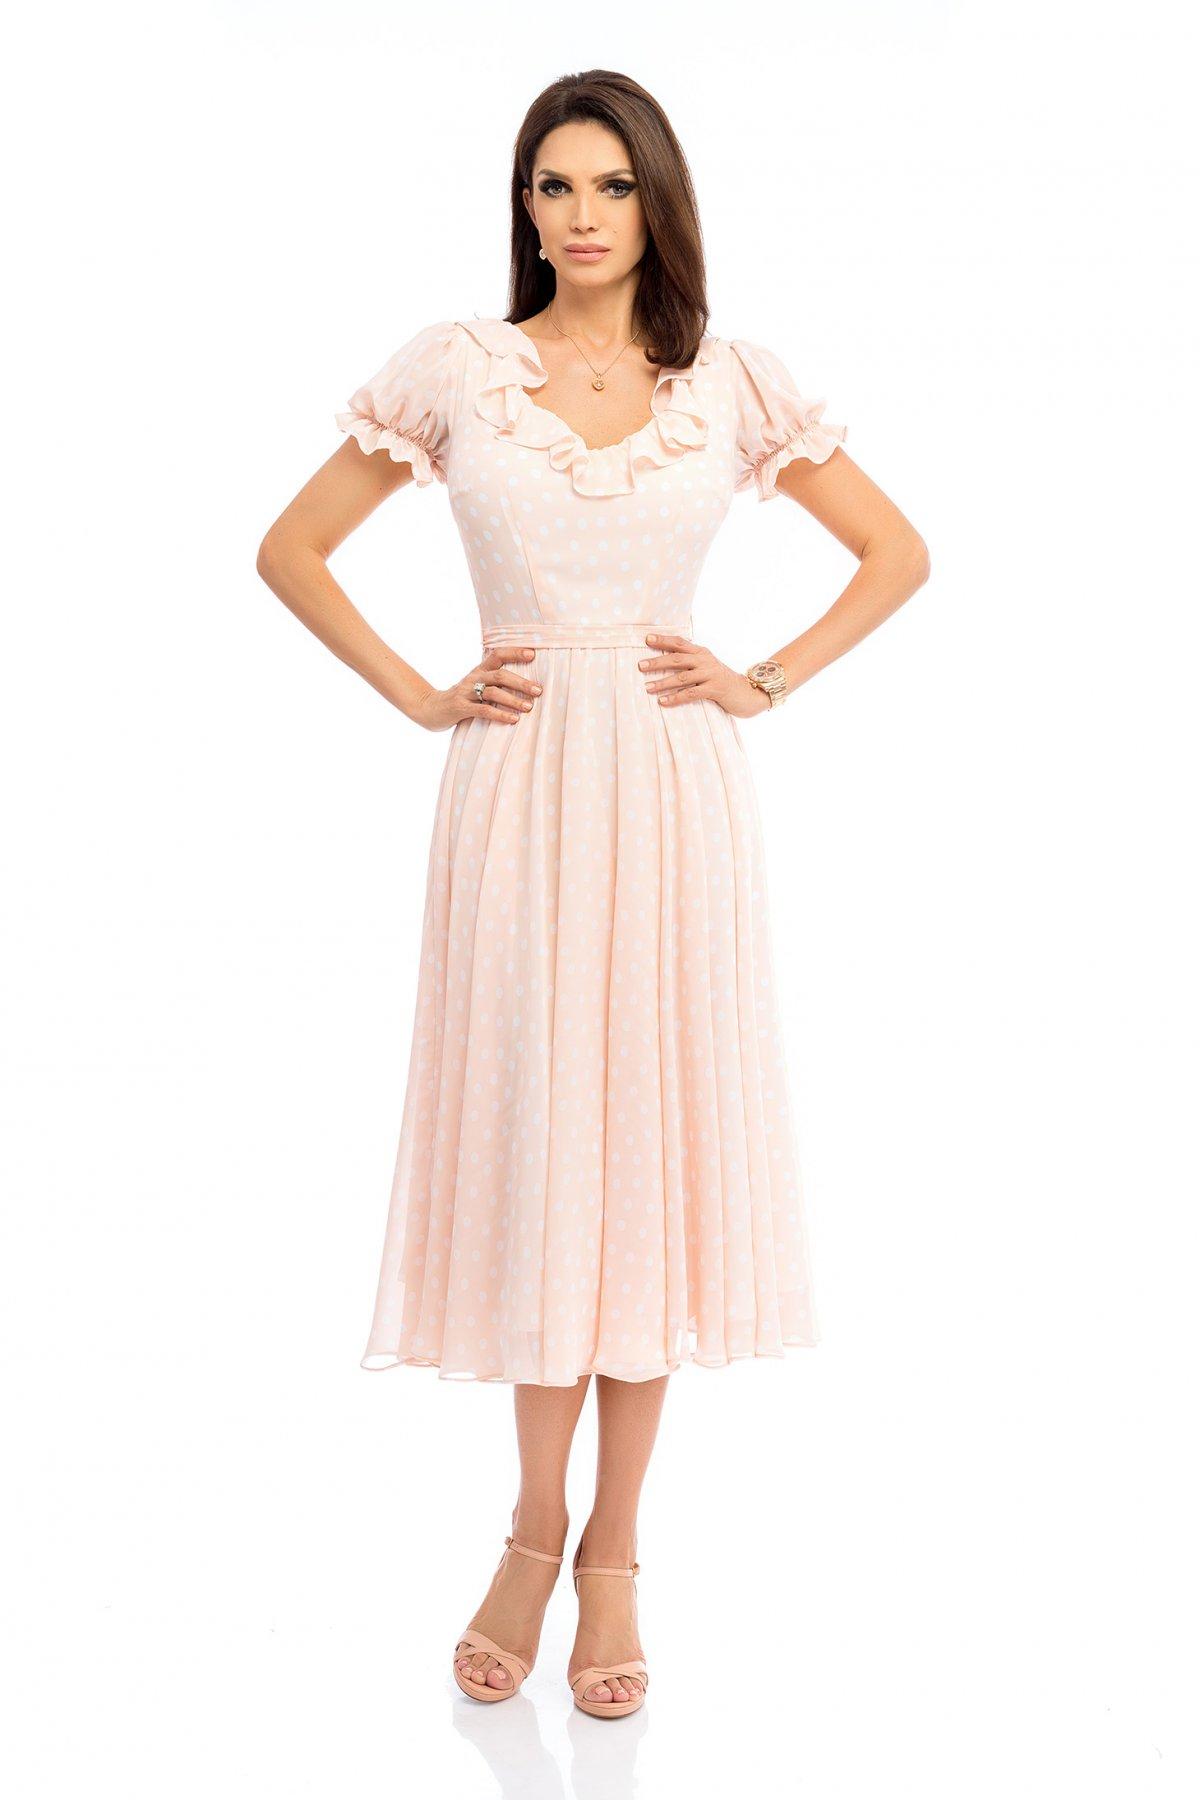 Rochie piersica eleganta midi in clos cu decolteu rotunjit cu volanase